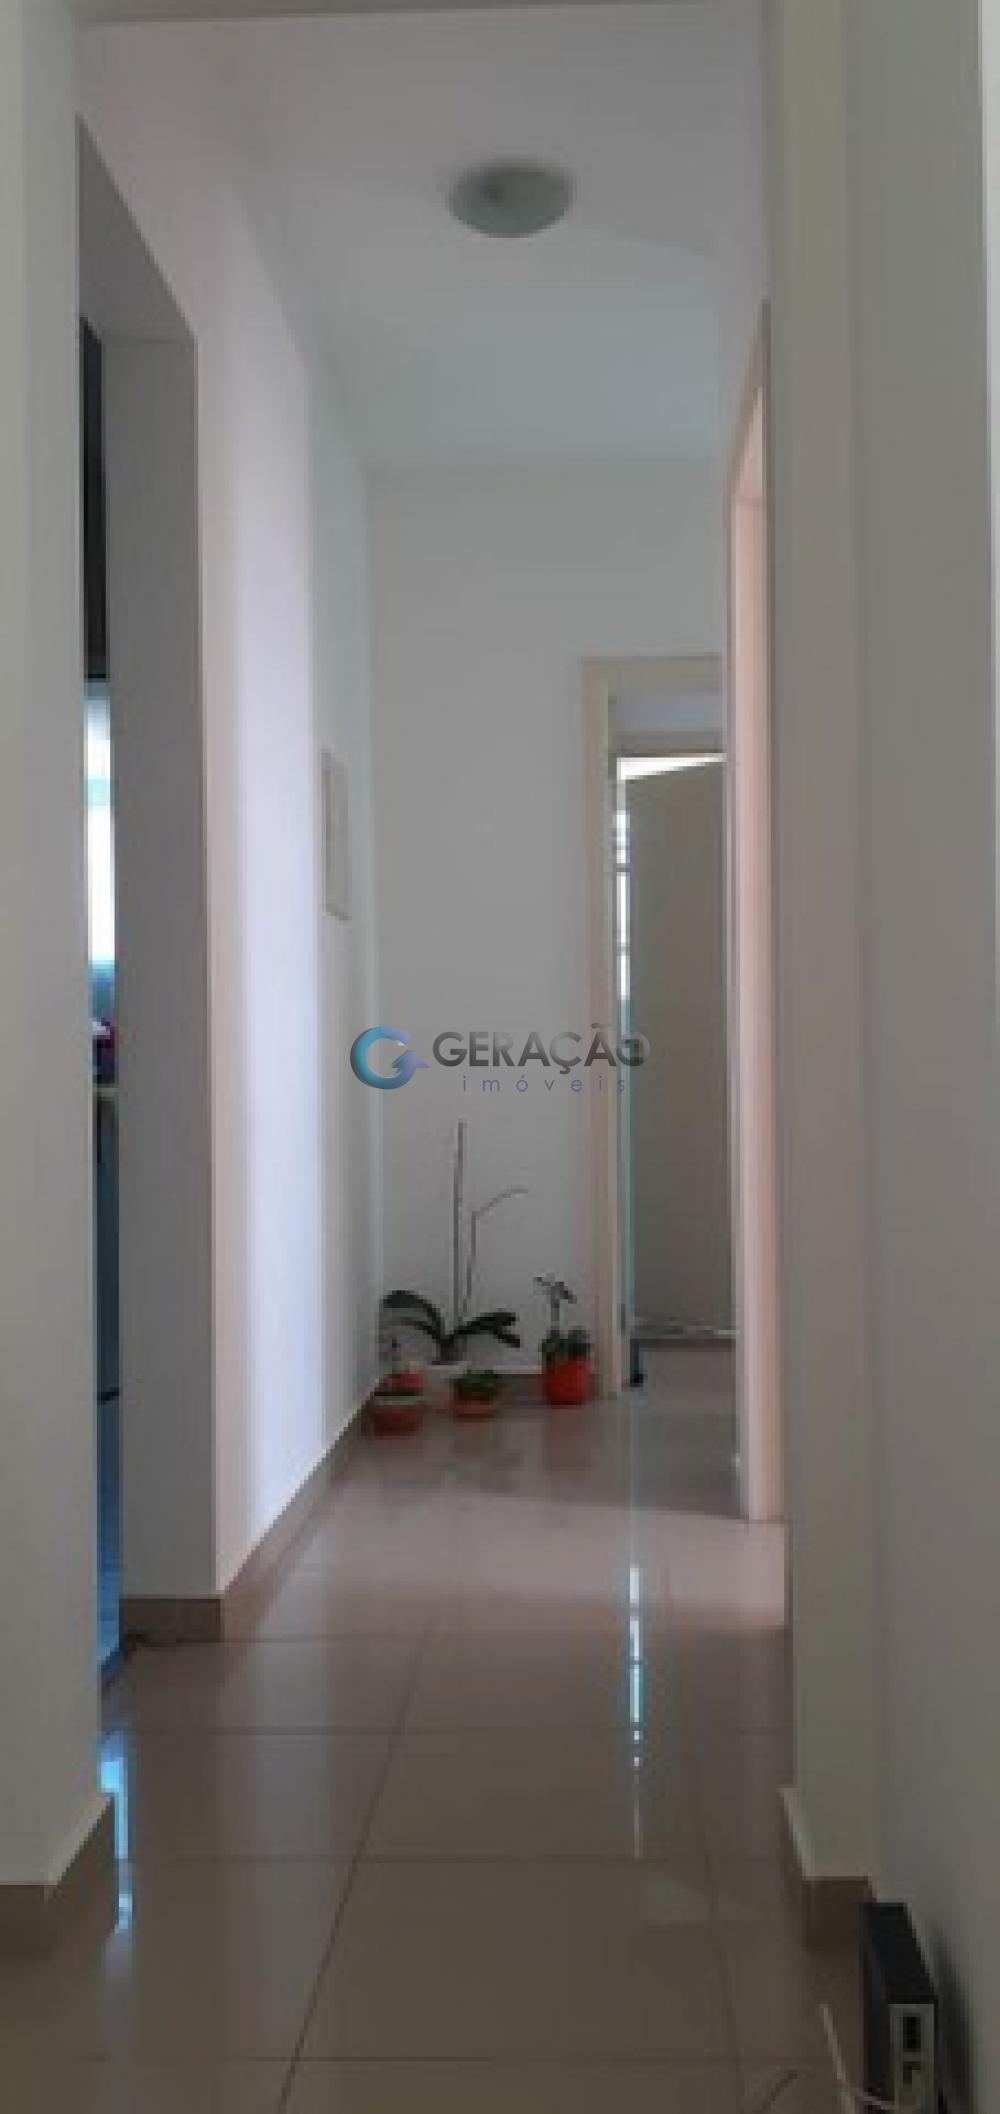 Comprar Apartamento / Padrão em São José dos Campos R$ 297.000,00 - Foto 3